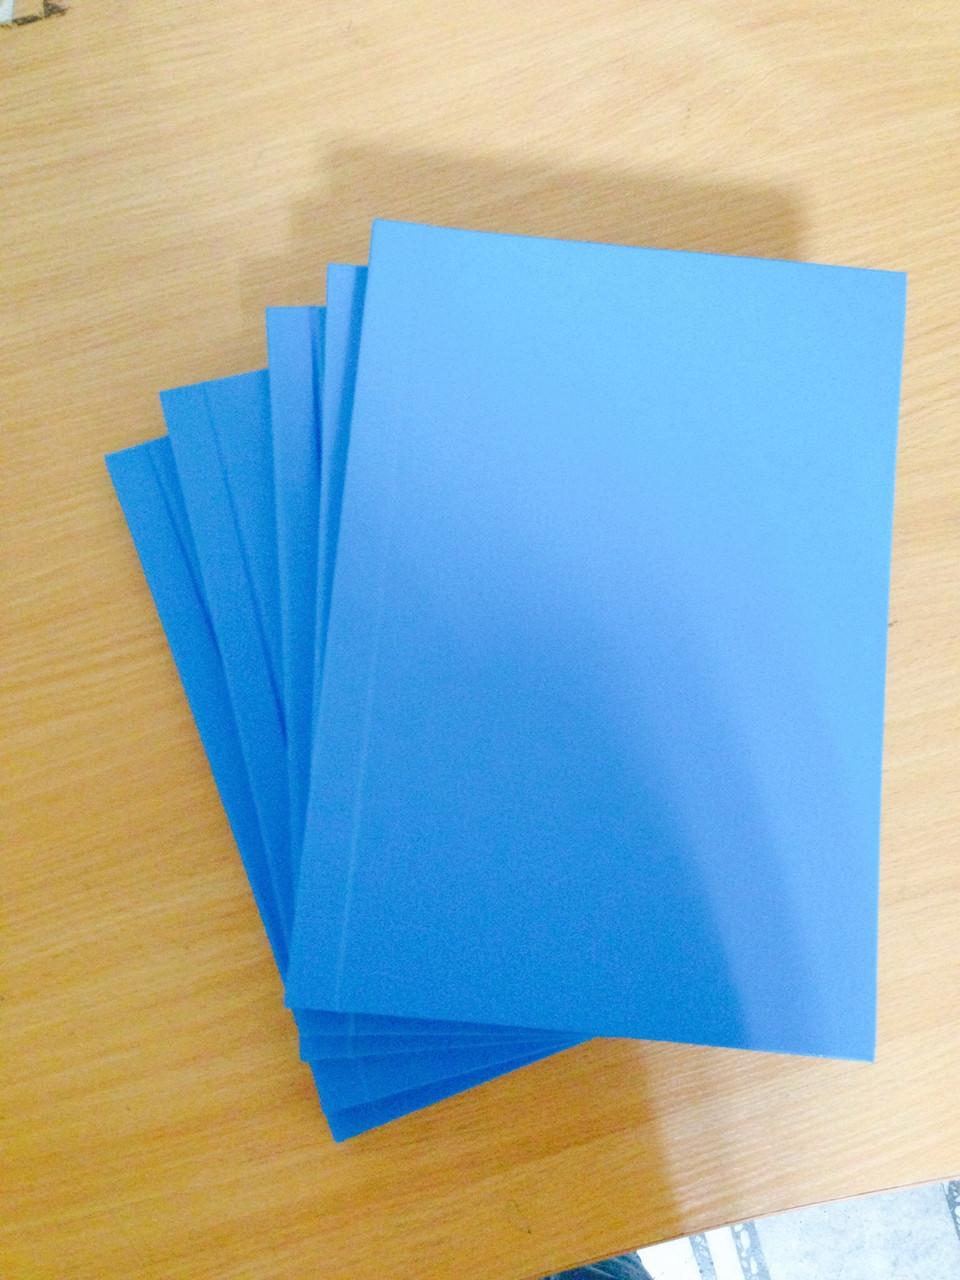 Журнал инструкция 58 и вся печатная продукция